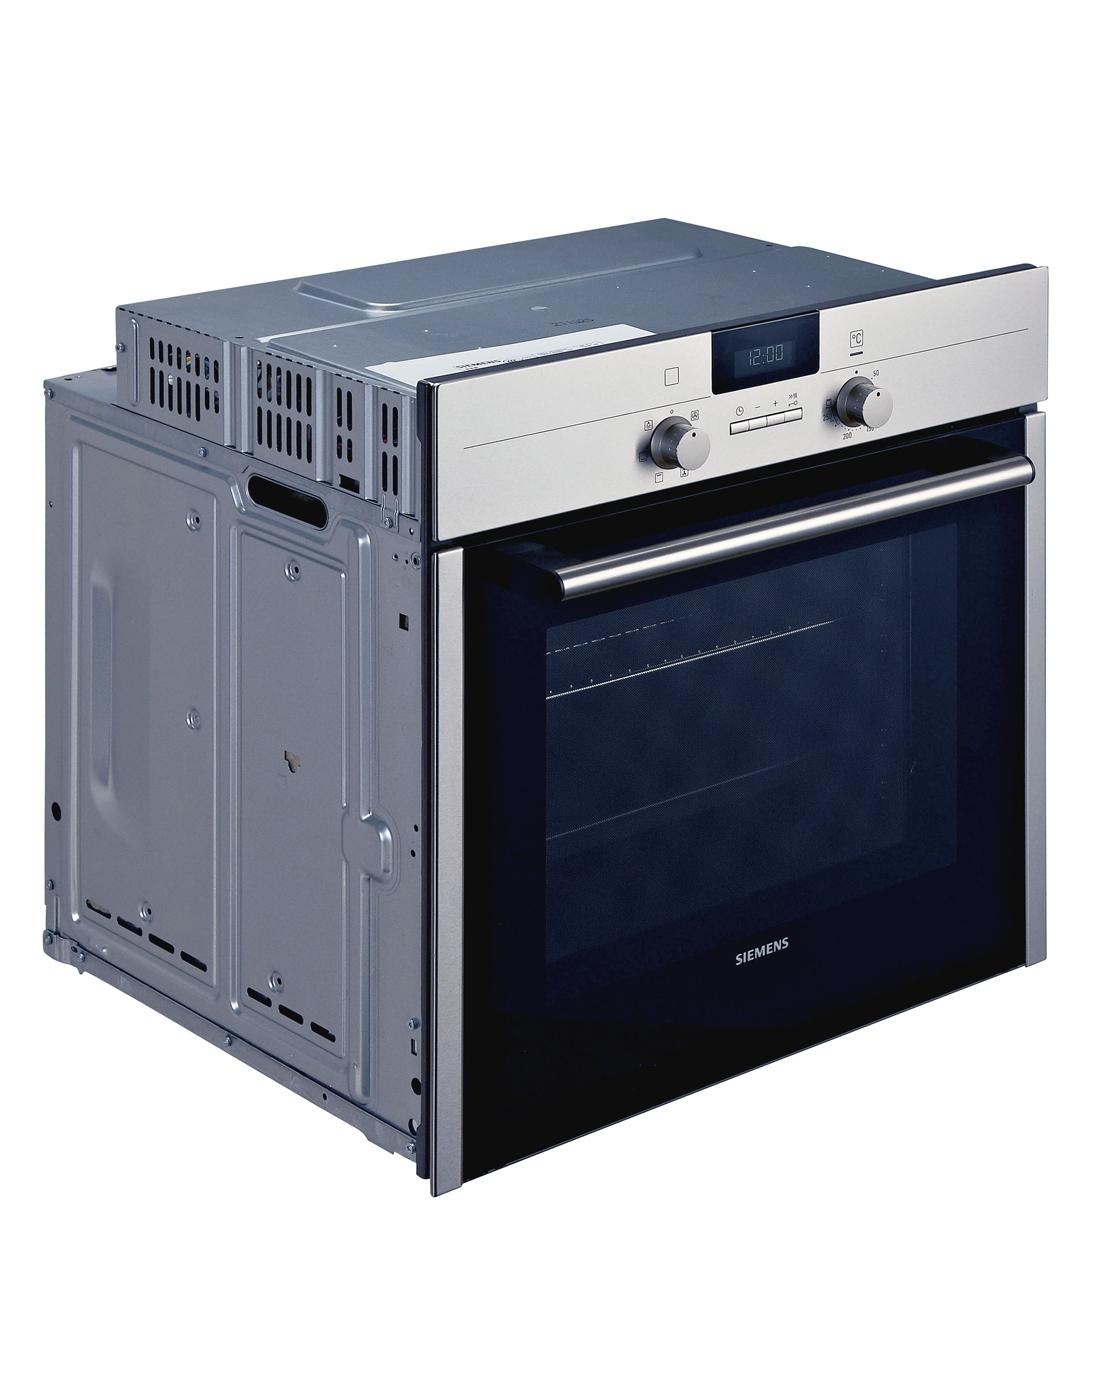 > 嵌入式电烤箱